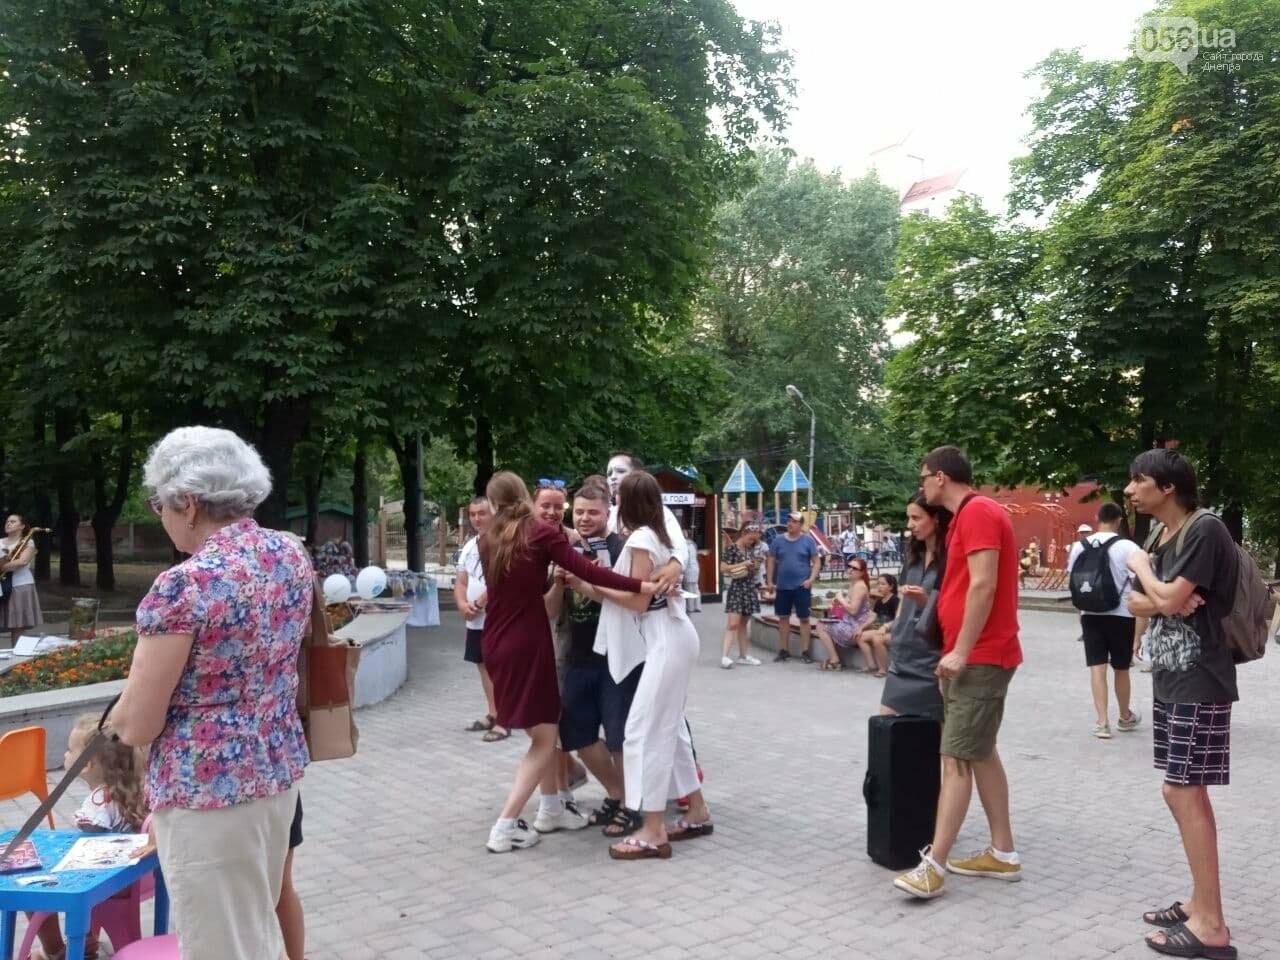 В Днепре по всей территории парка Шевченко звучит музыка нон-стоп, - ФОТО, ВИДЕО, фото-6